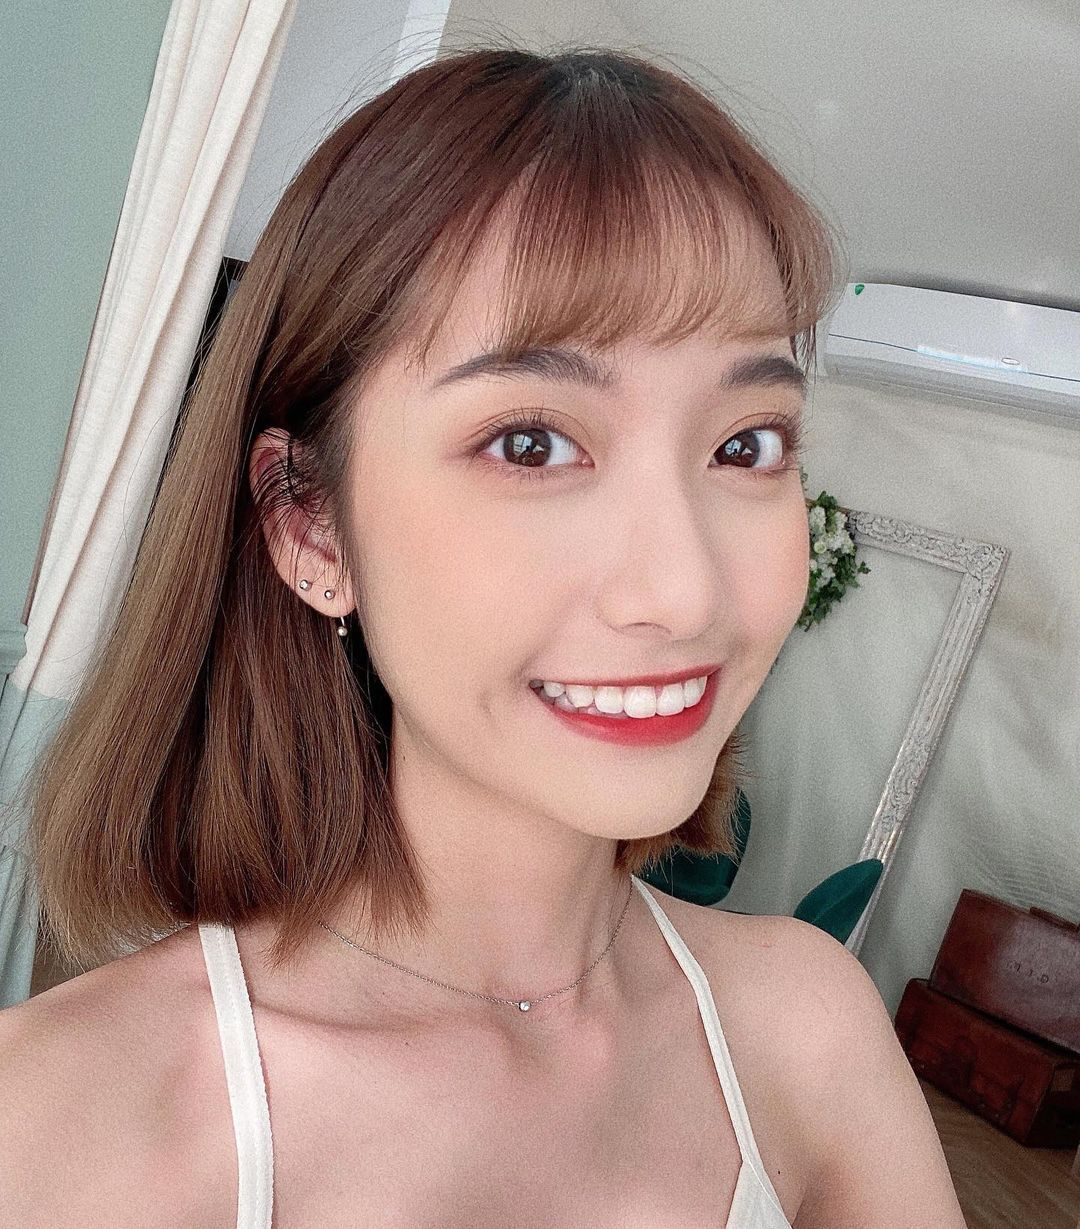 高雄小港高中18岁清纯学生妹,短发俏丽笑容甜美,个人IG好几万人追踪 养眼图片 第4张